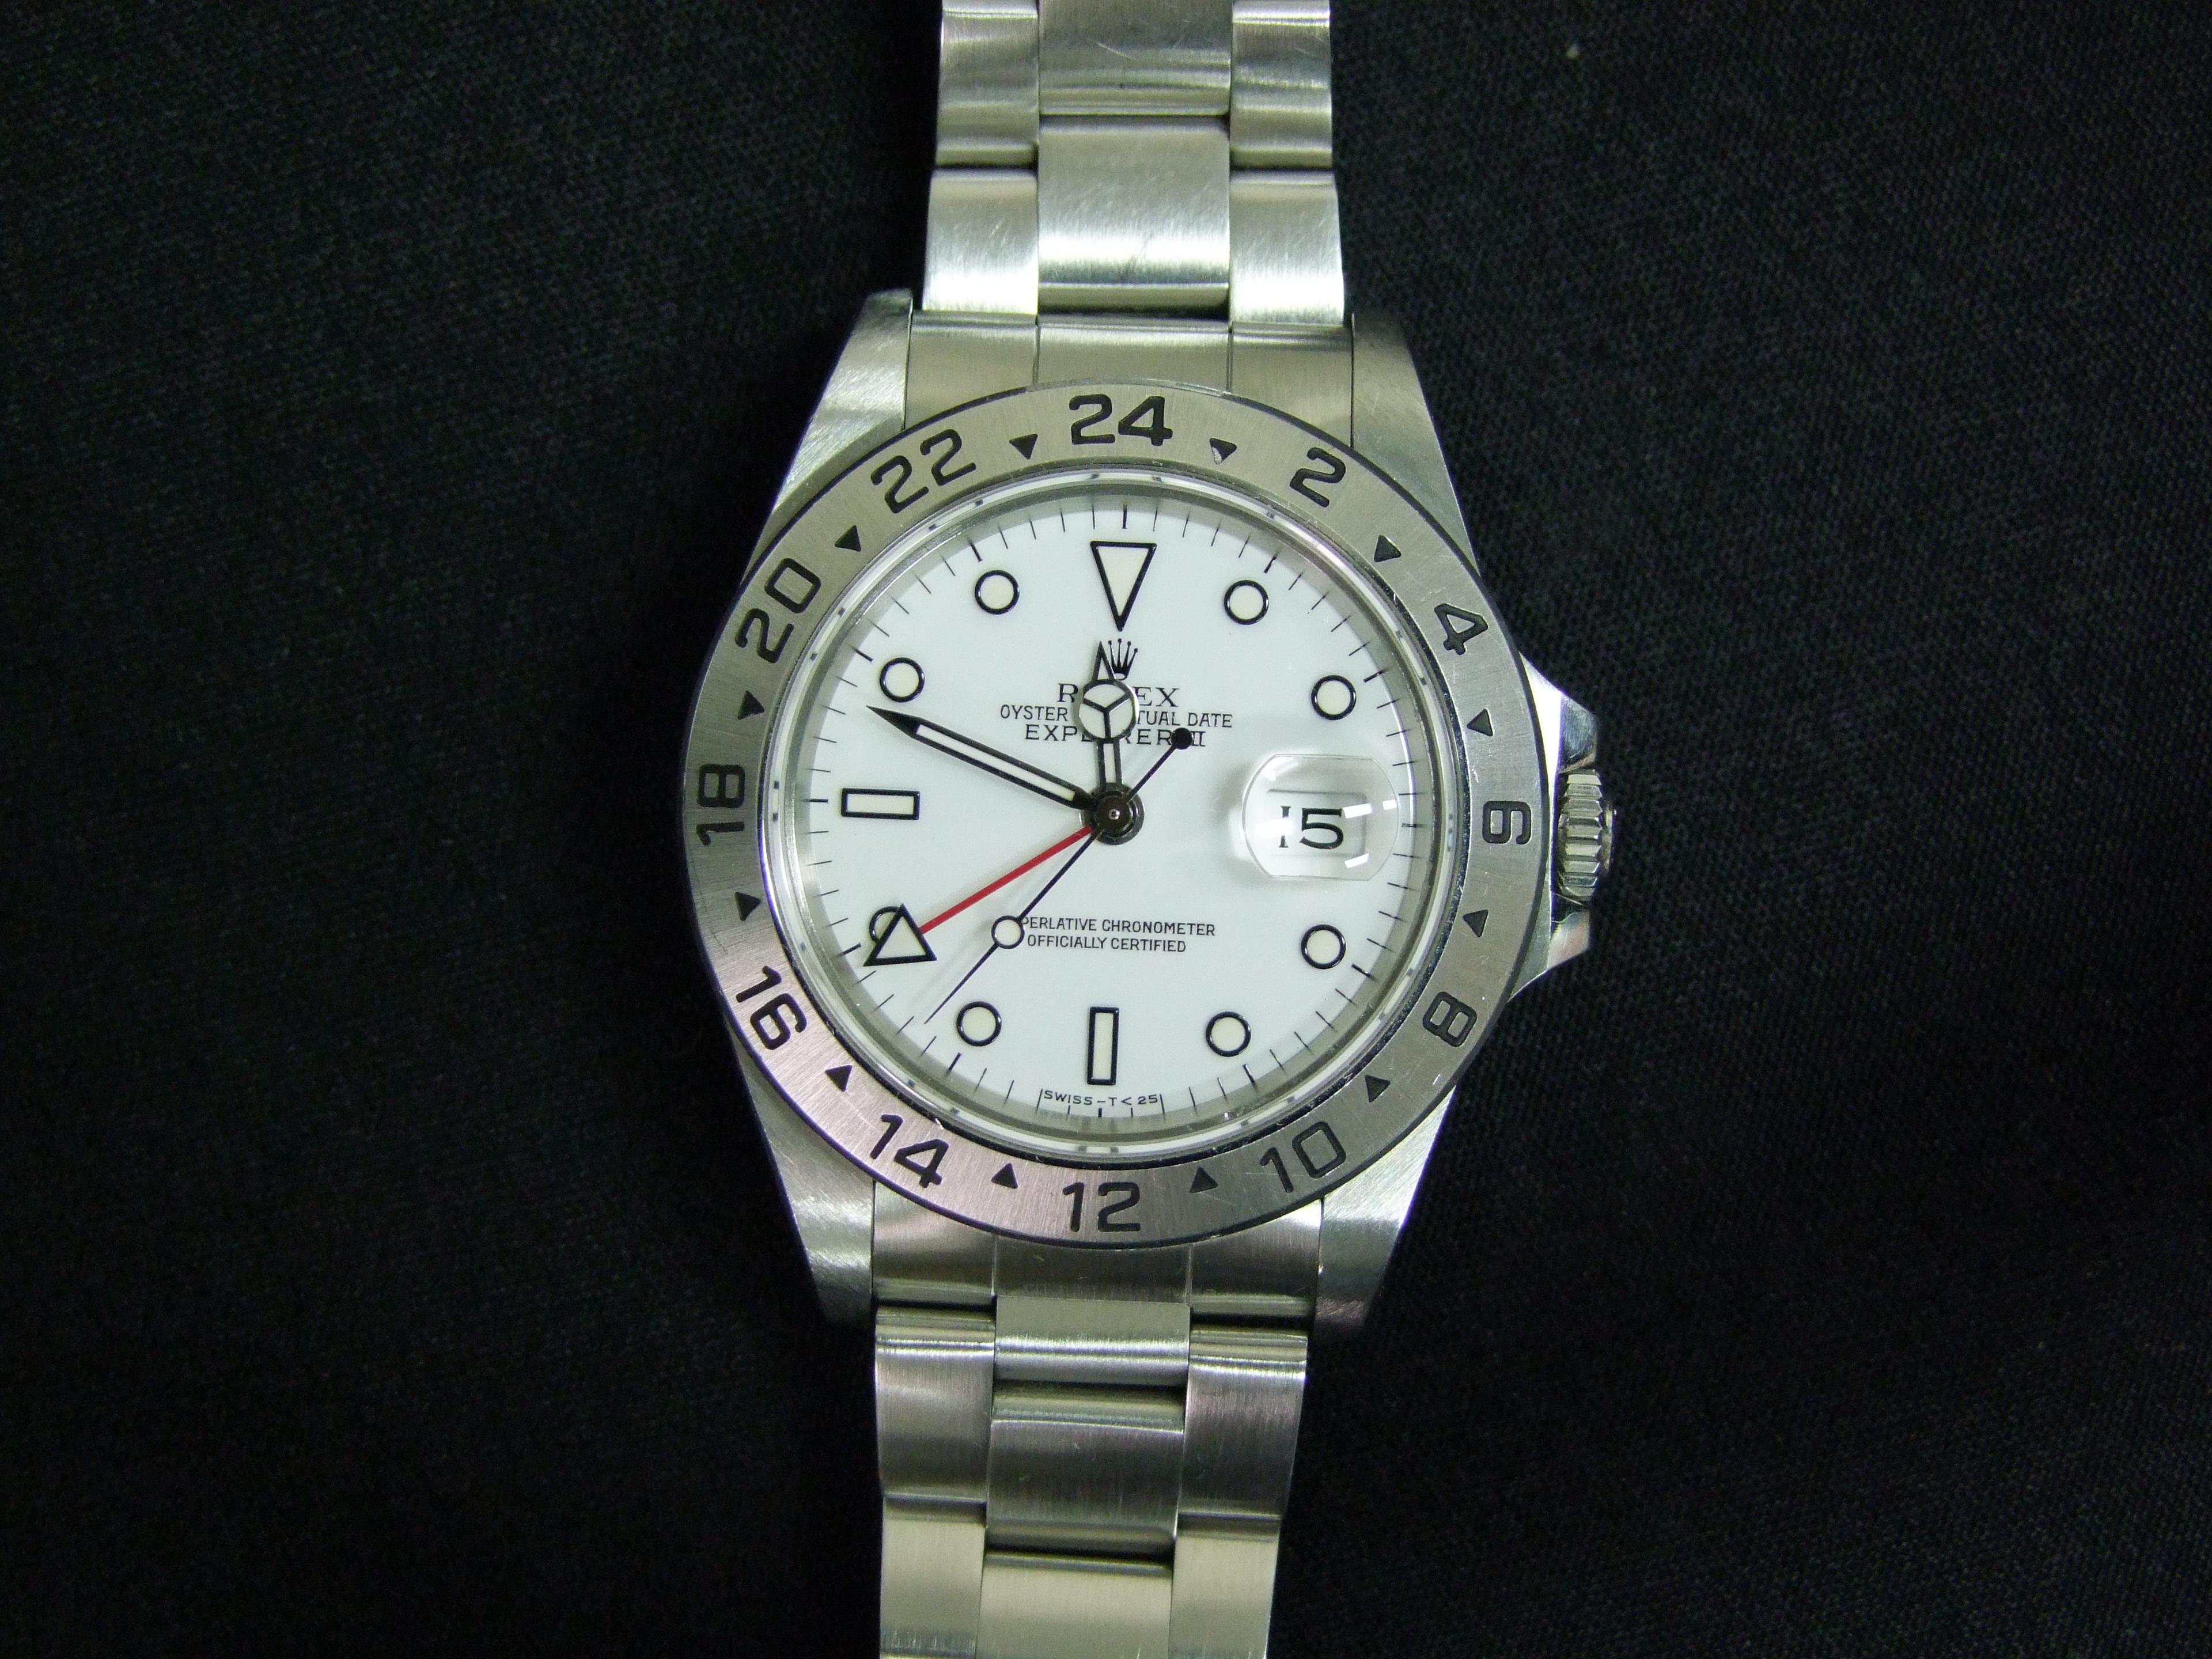 ロレックス Rolex エクスプローラーⅡ 腕時計 ブランド ブランド品